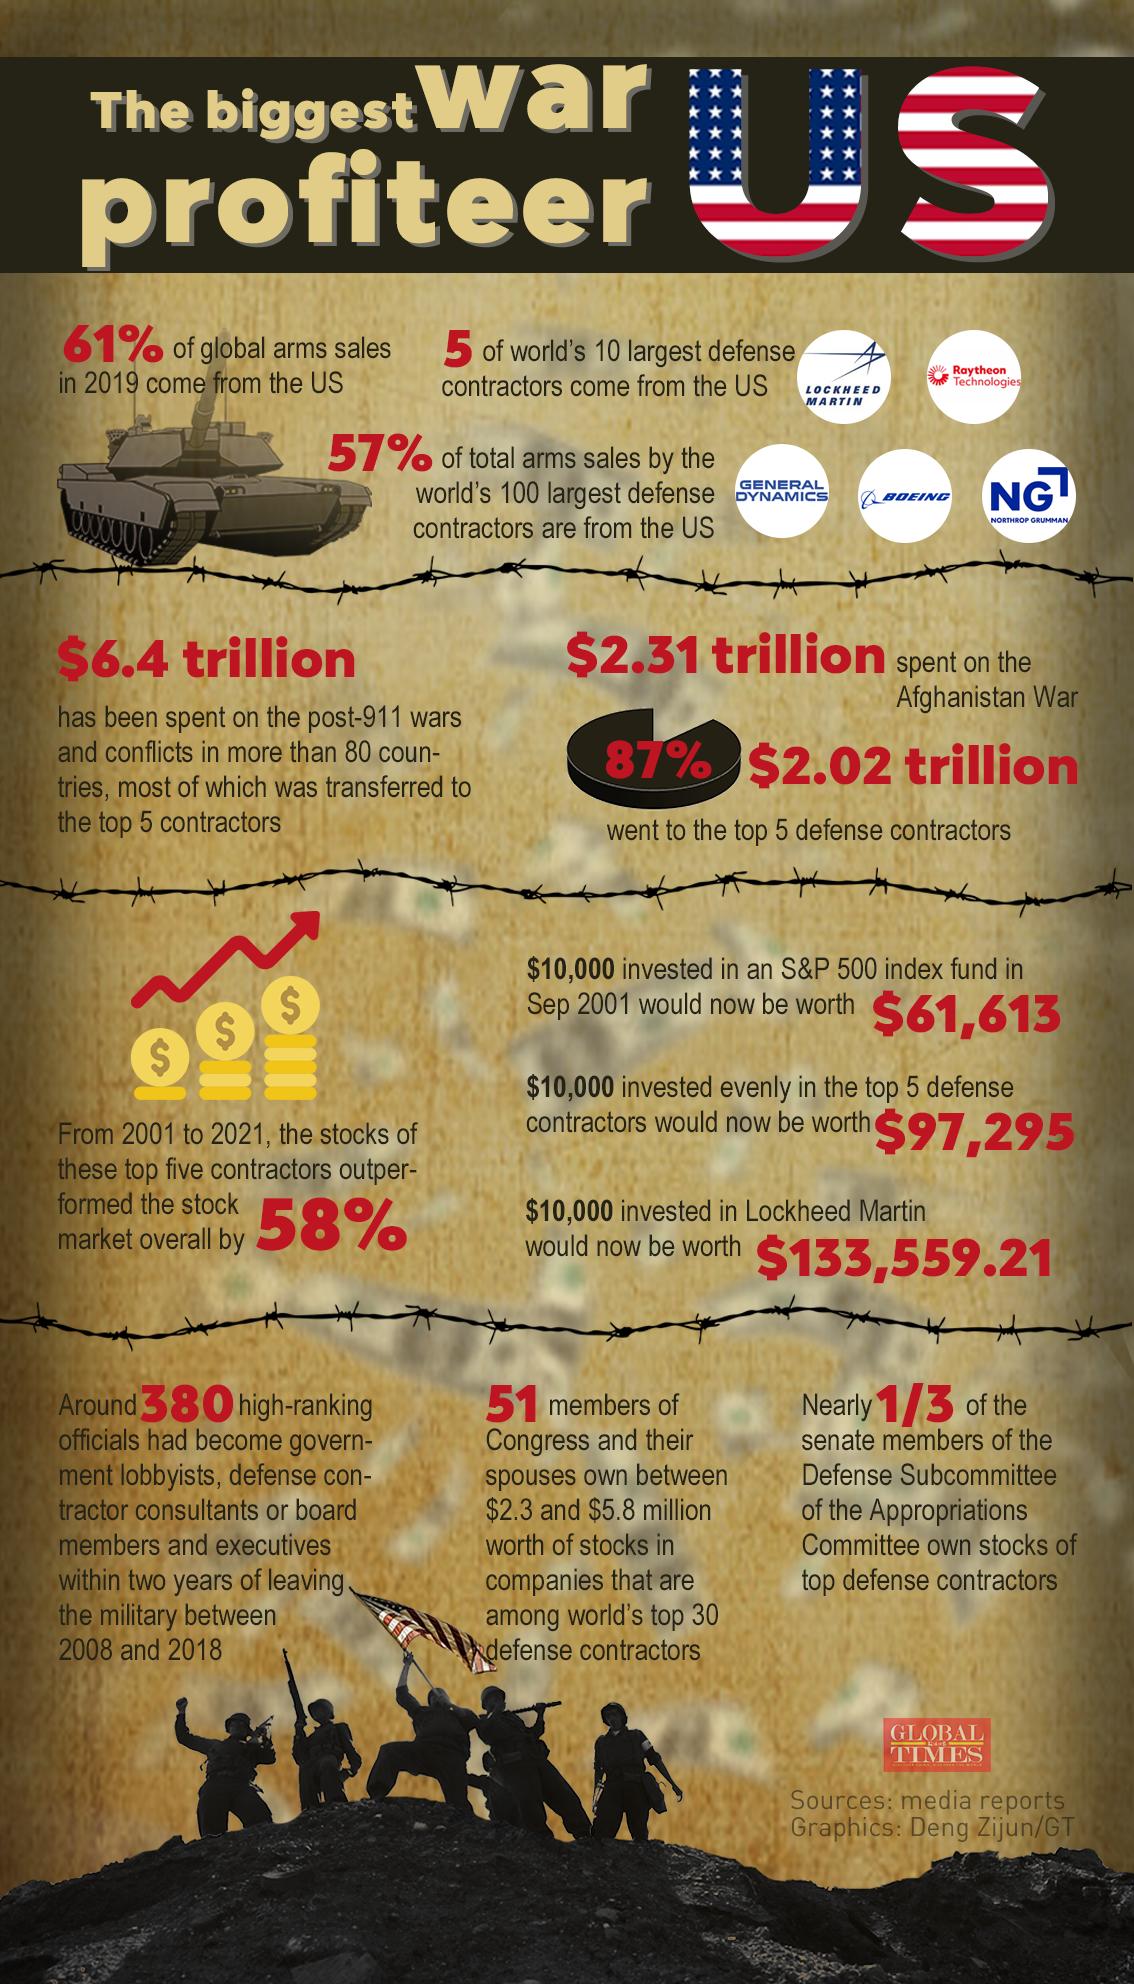 The biggest war profiteer—US. Graphic: Deng Zijun/GT